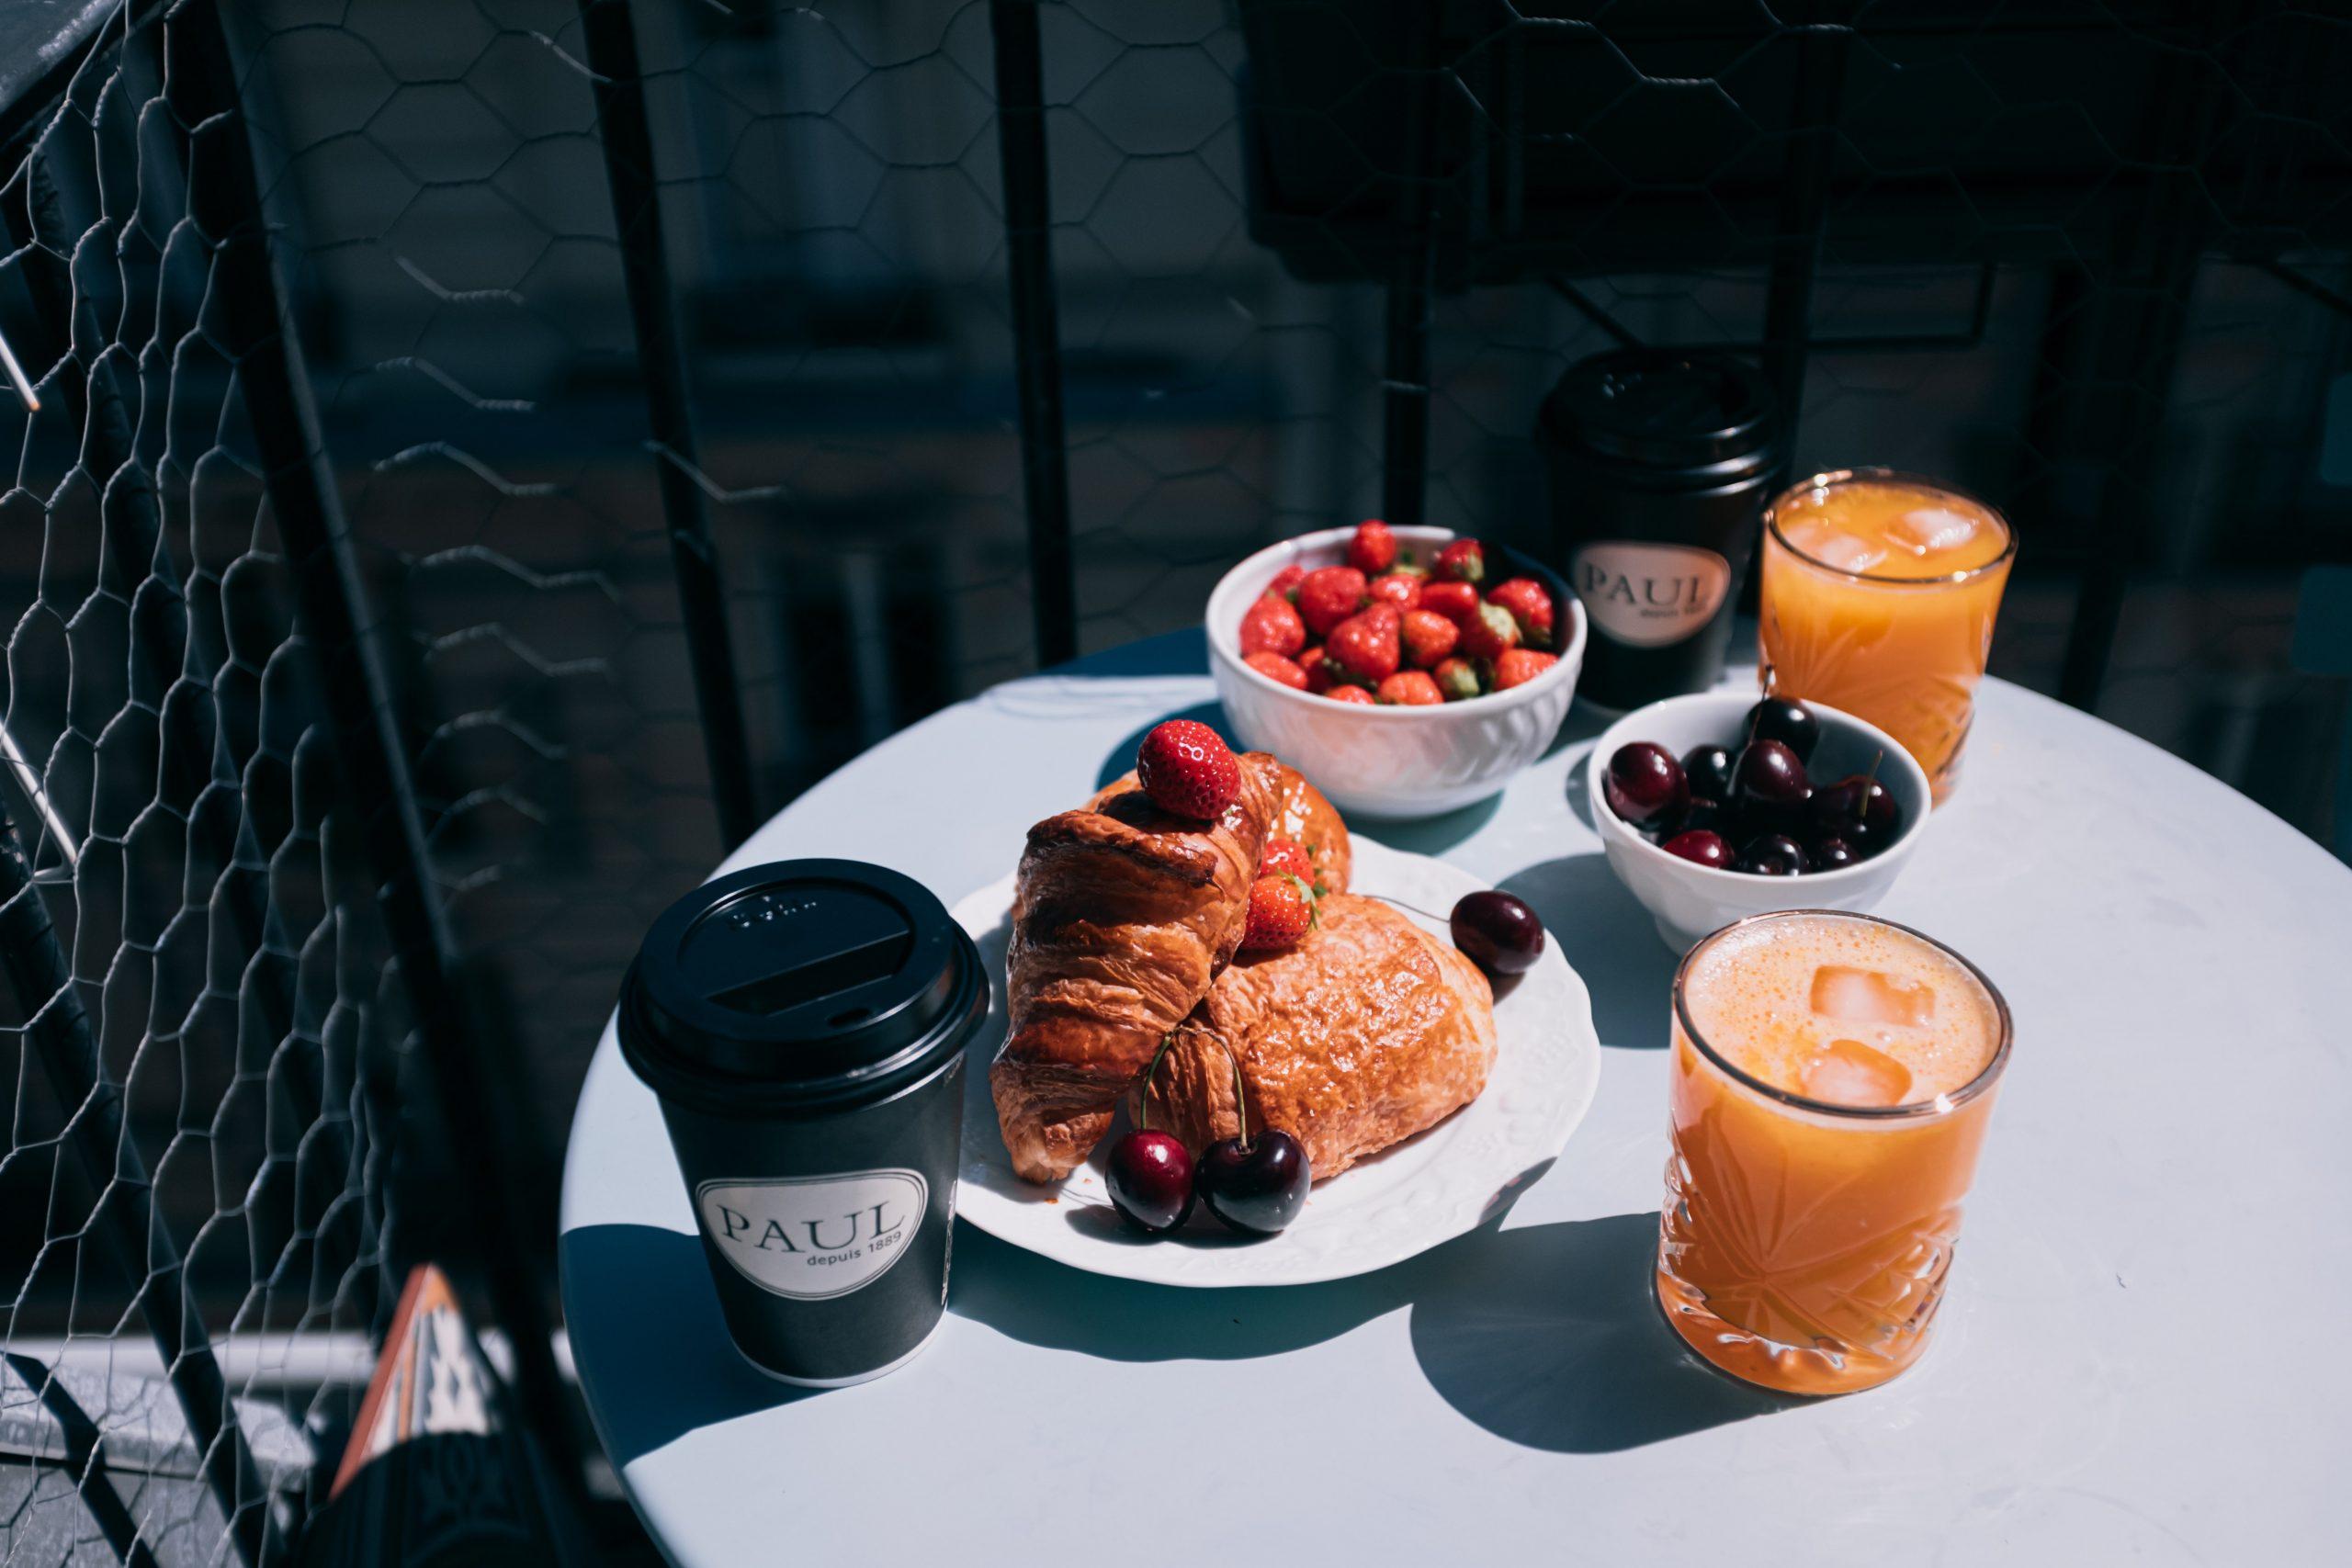 Śniadanie w centrum handlowym, czyli wyjątkowa oferta gastronomiczna